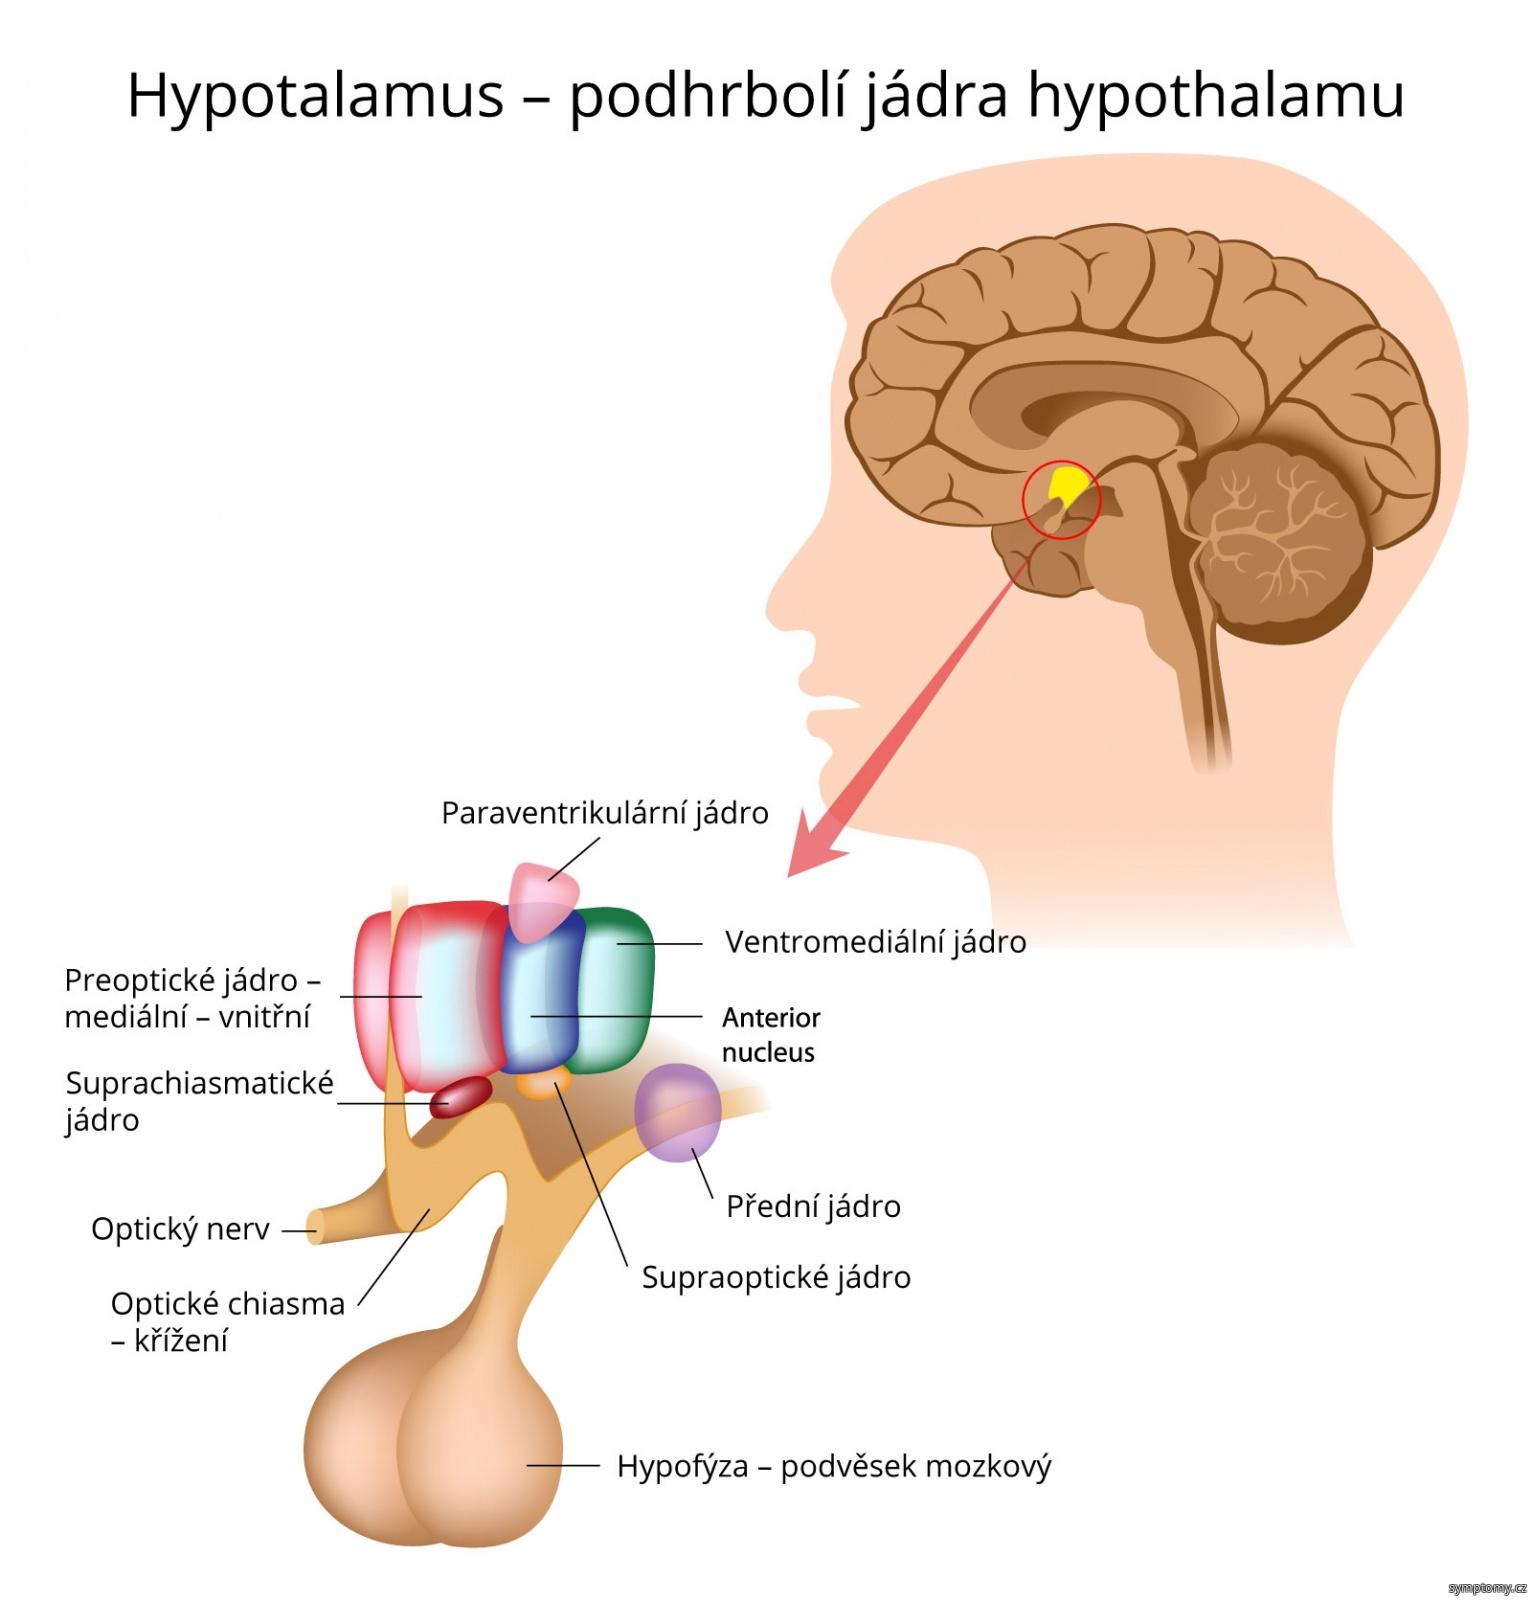 Hypotalamus – podhrbolí